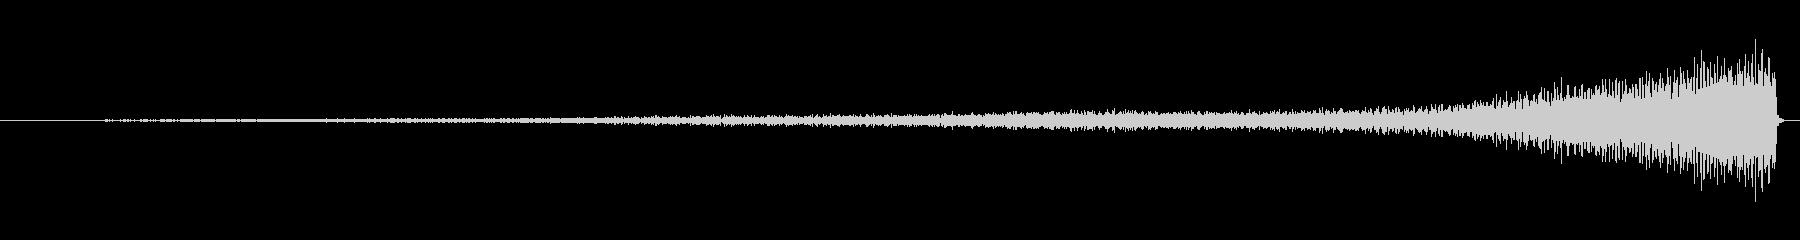 ピアノのワンショット効果音08-リバースの未再生の波形